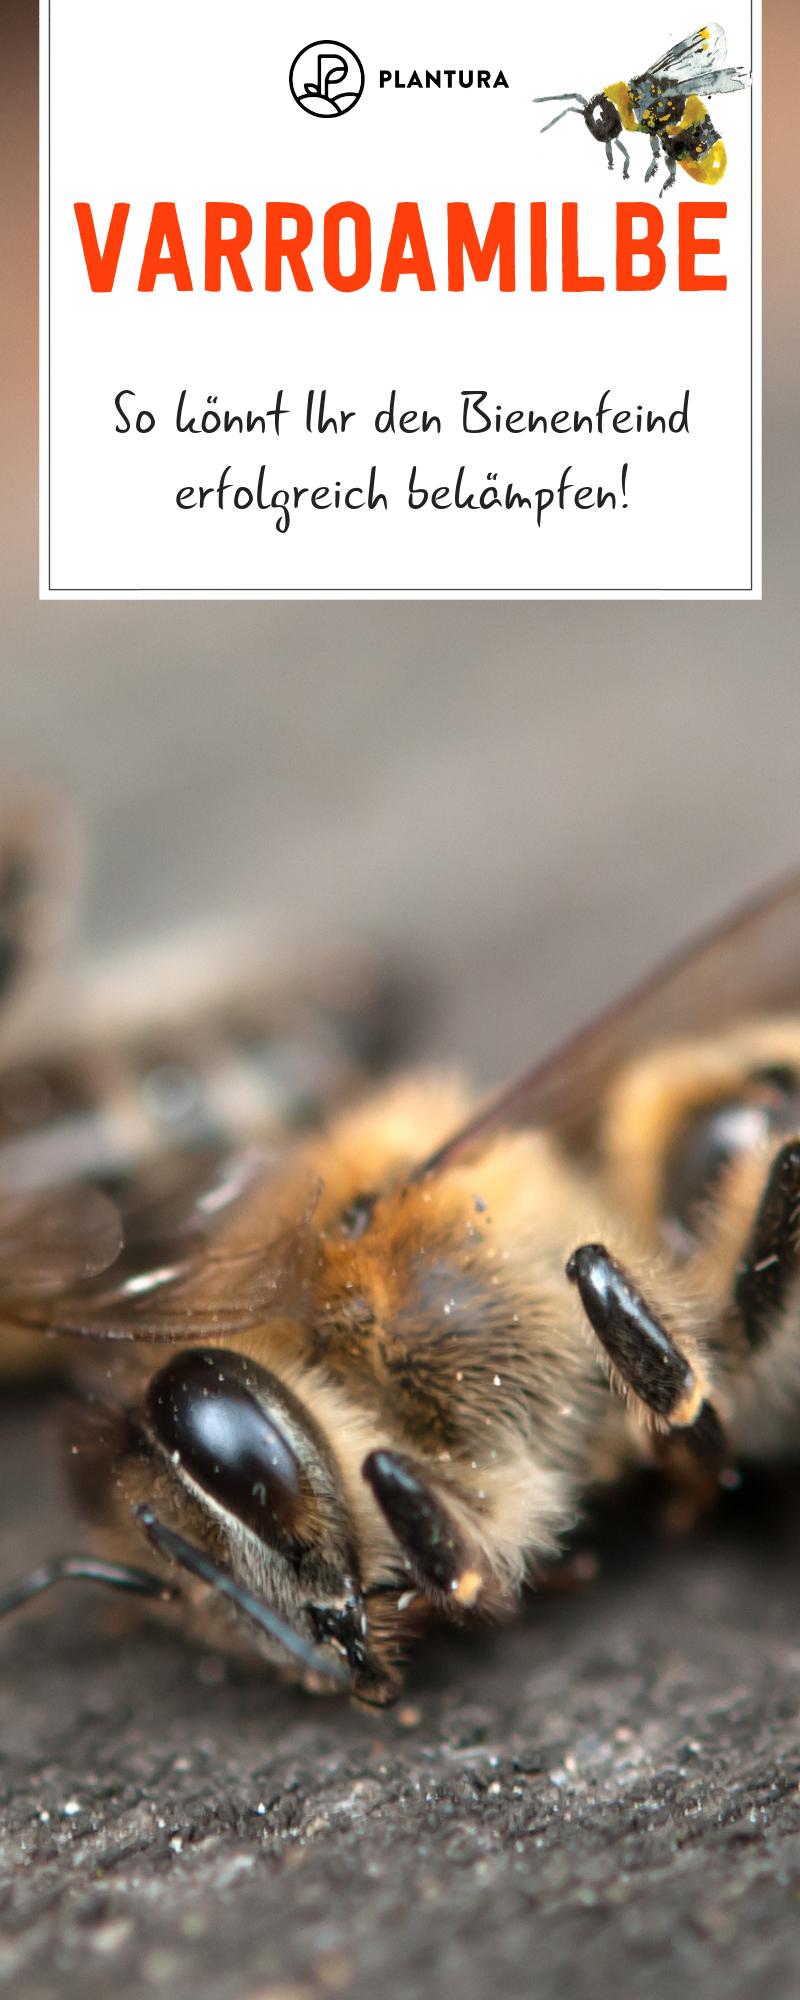 Varroamilbe Bekämpfen